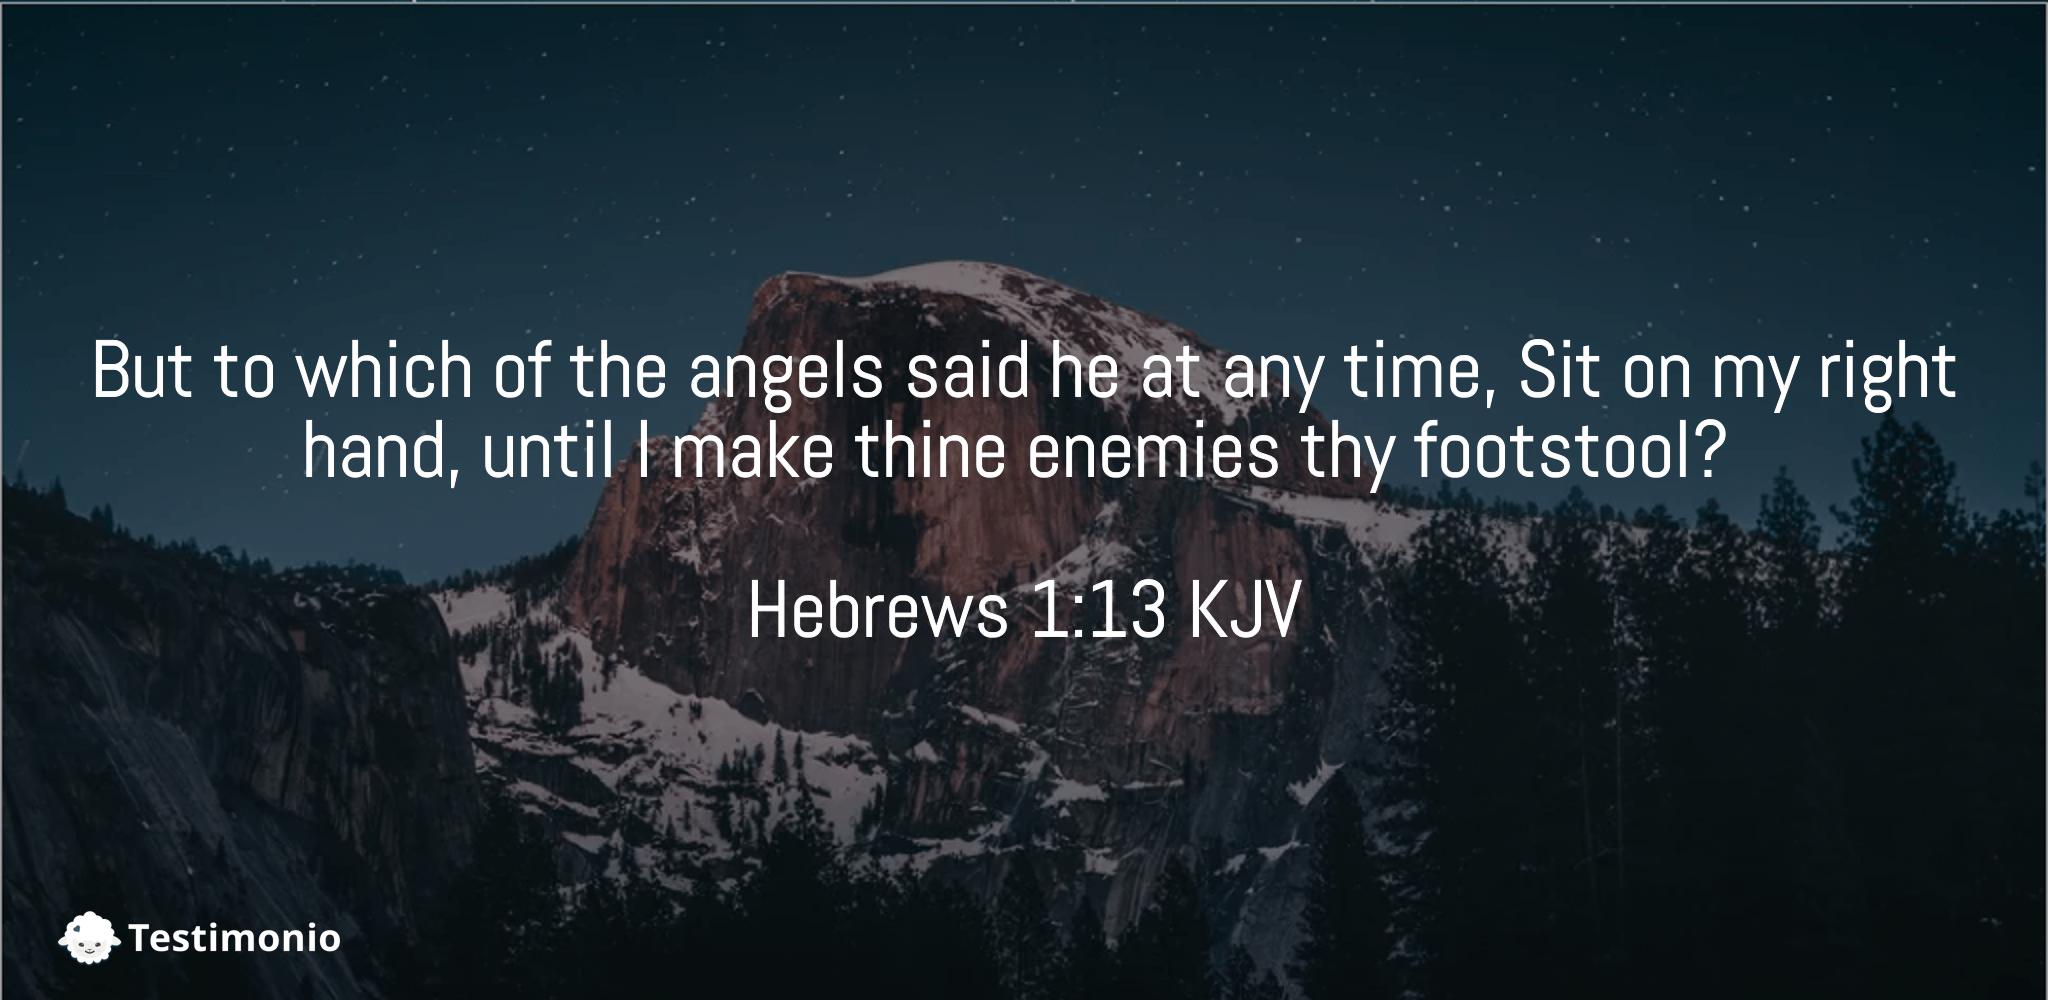 Hebrews 1:13